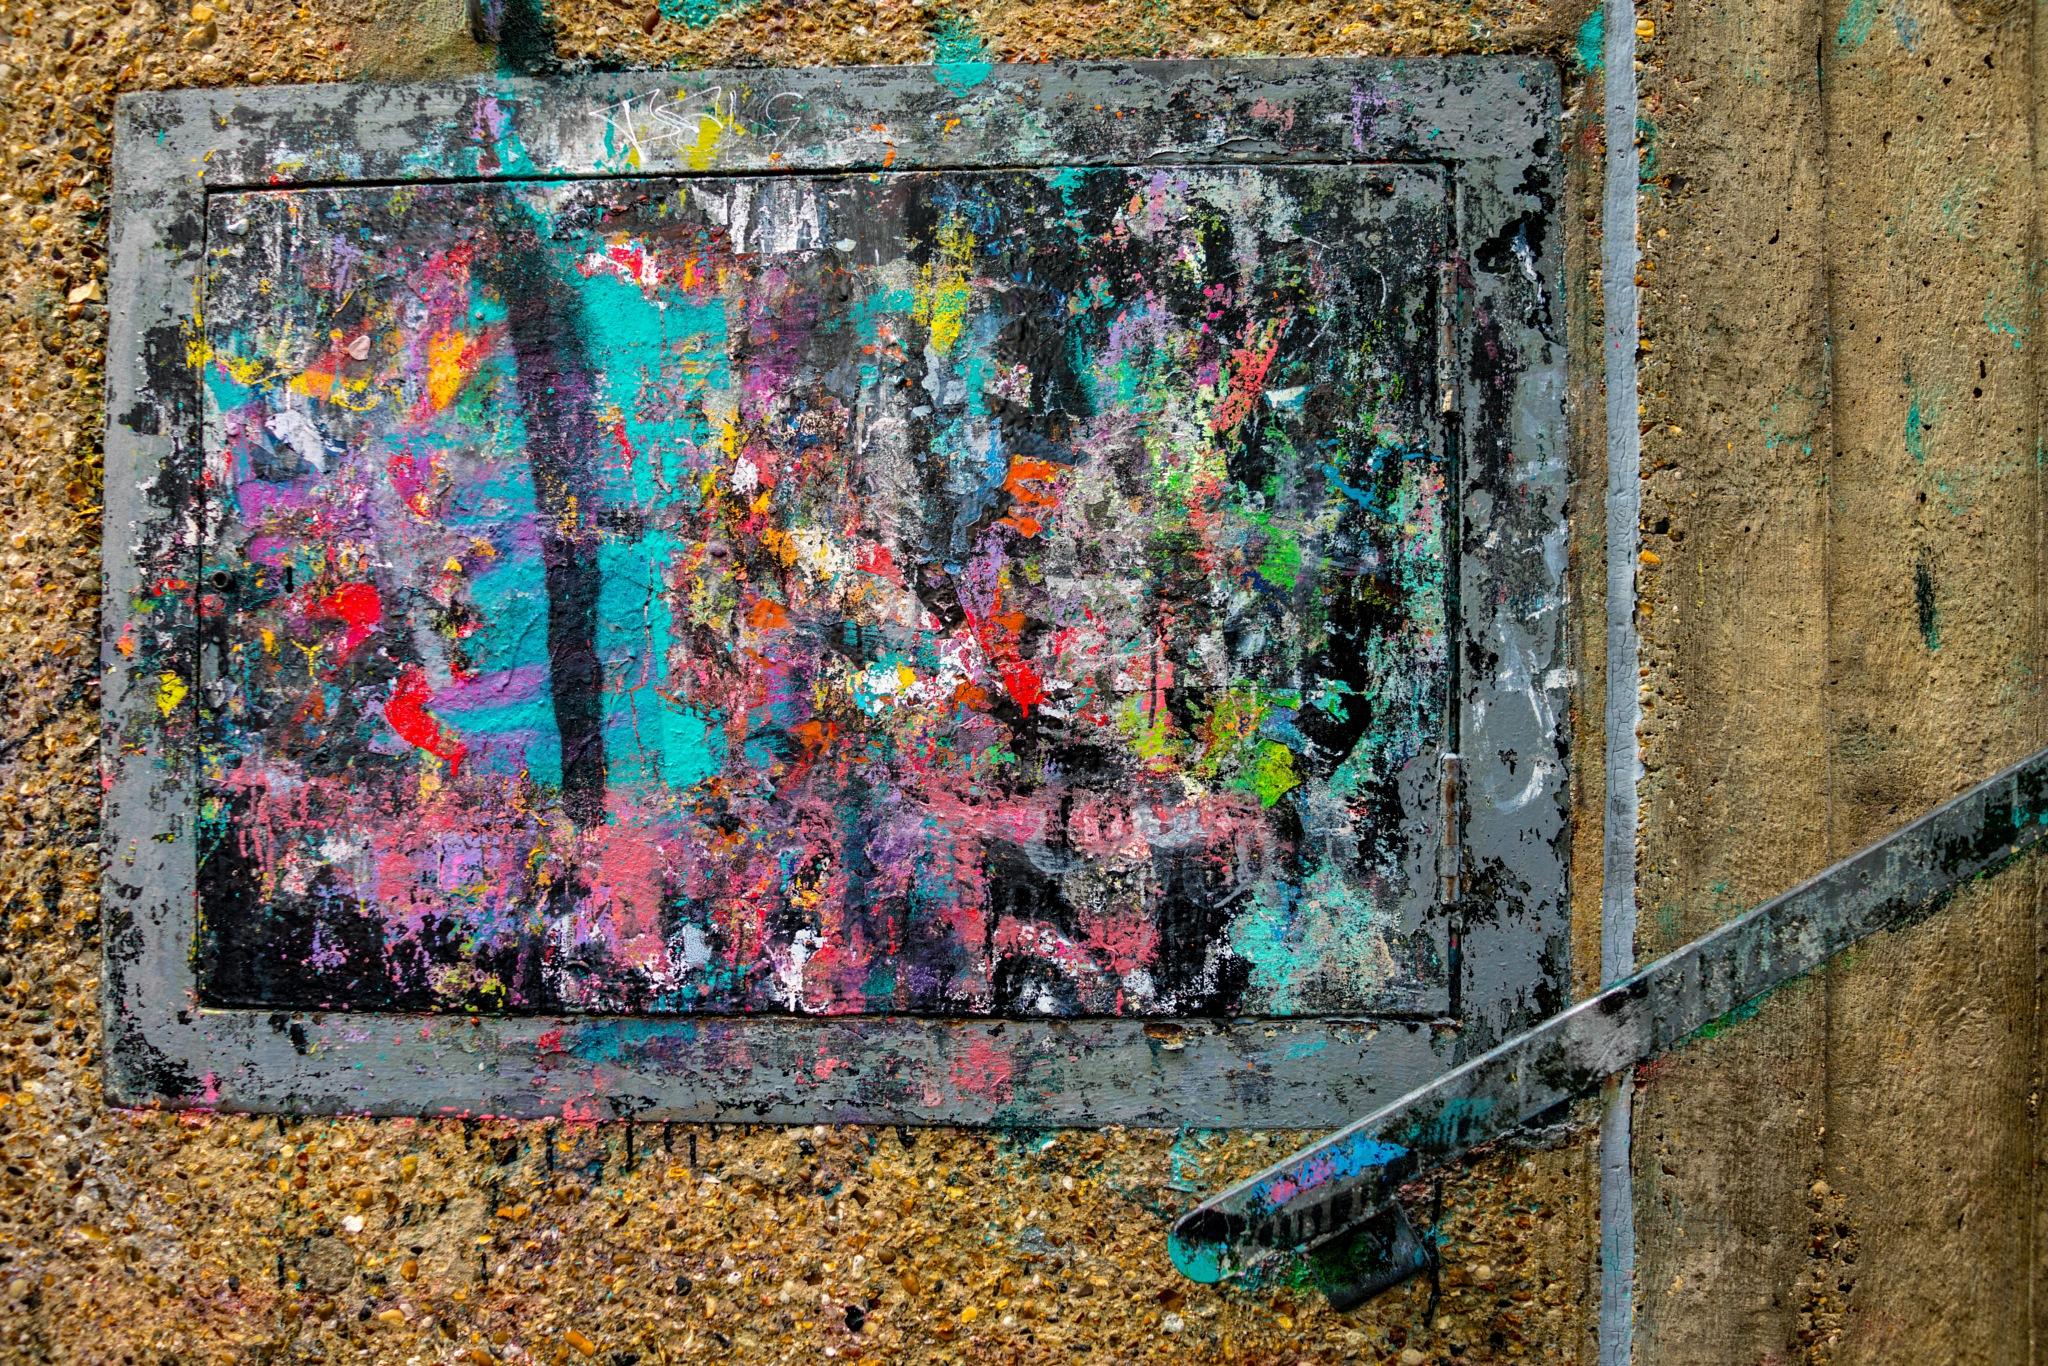 Colour on city concrete. by Simon Ciappara